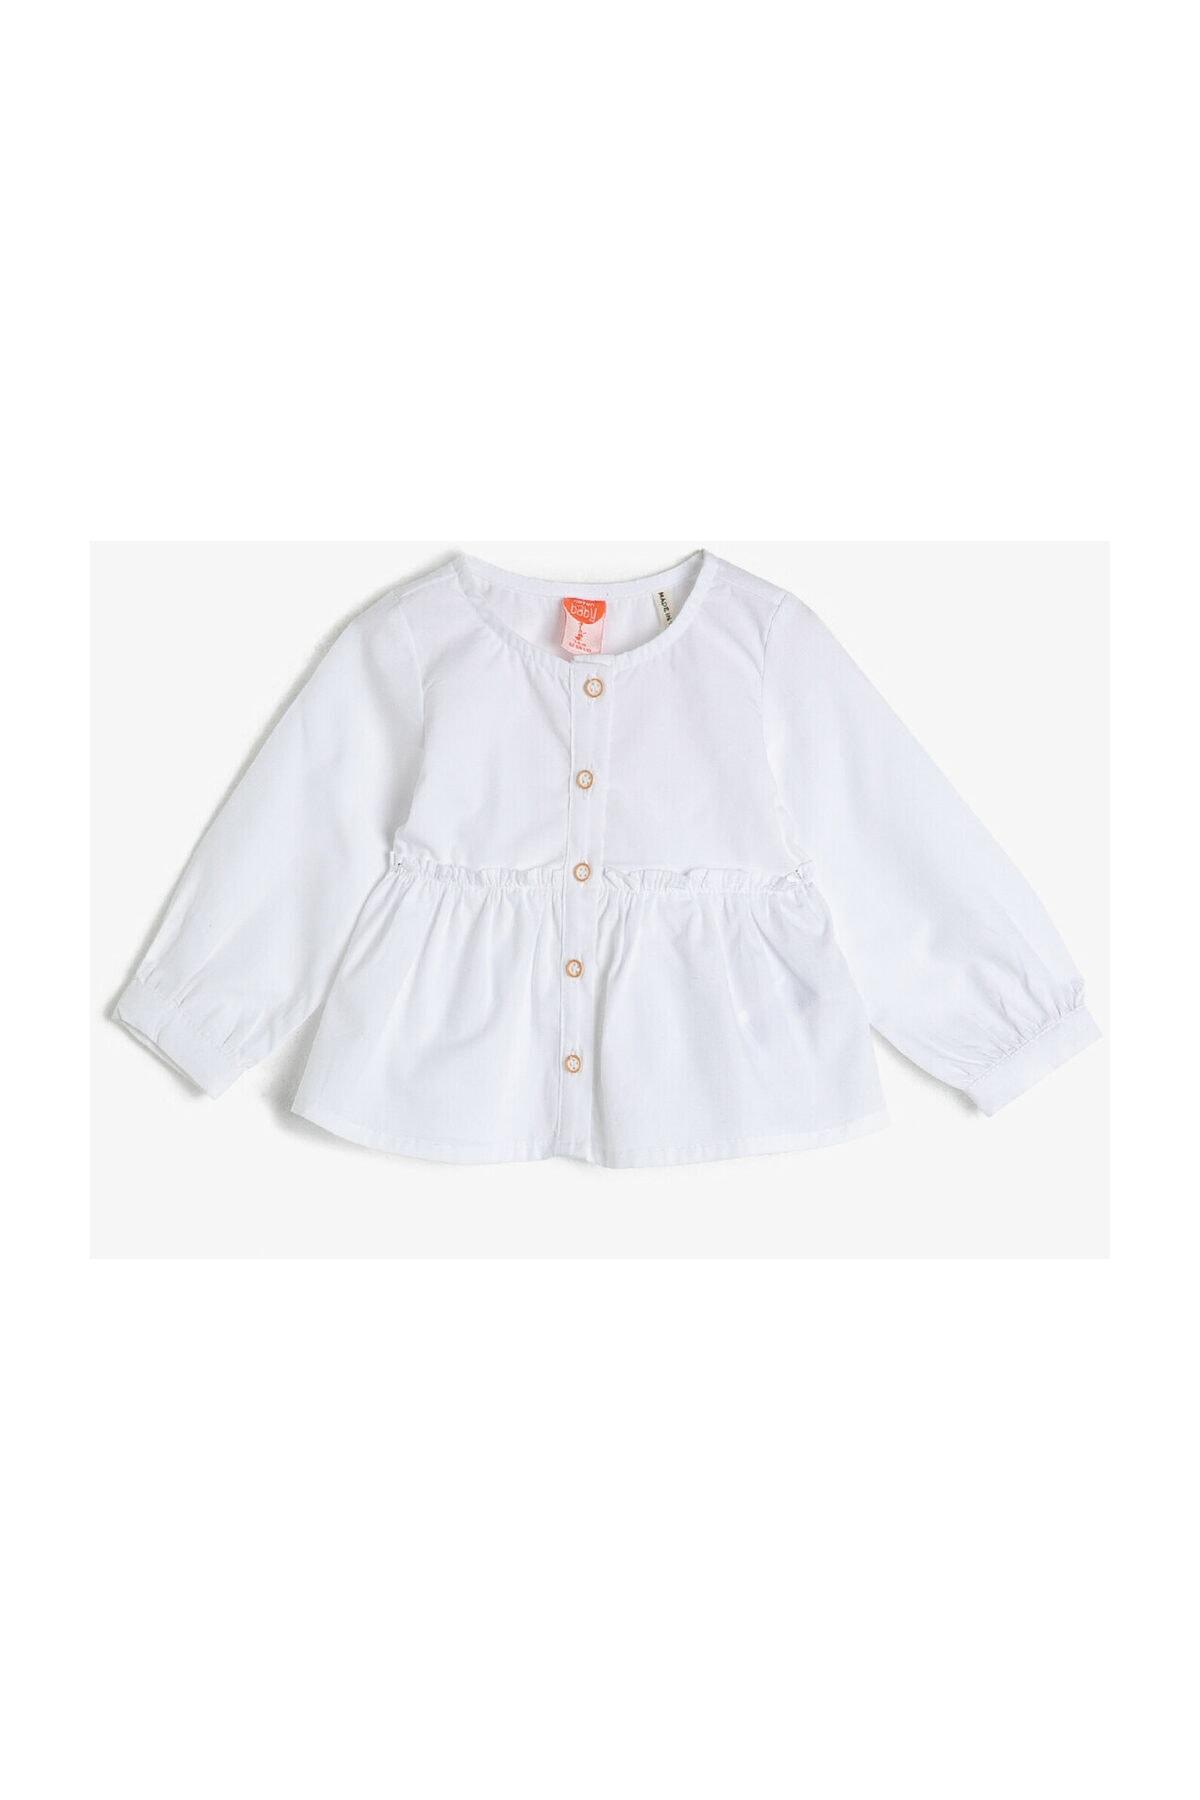 Koton Kids Beyaz Kız Bebek Gömlek 1